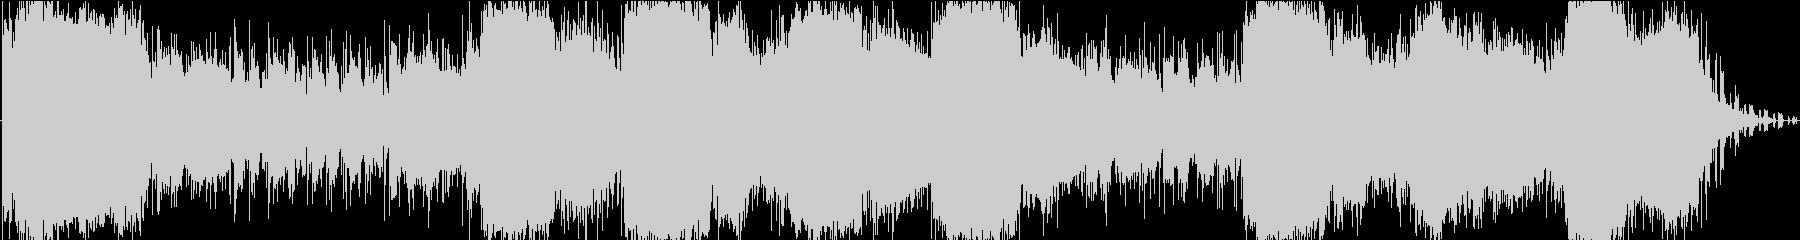 イメージ オリエンタルストリングス01の未再生の波形